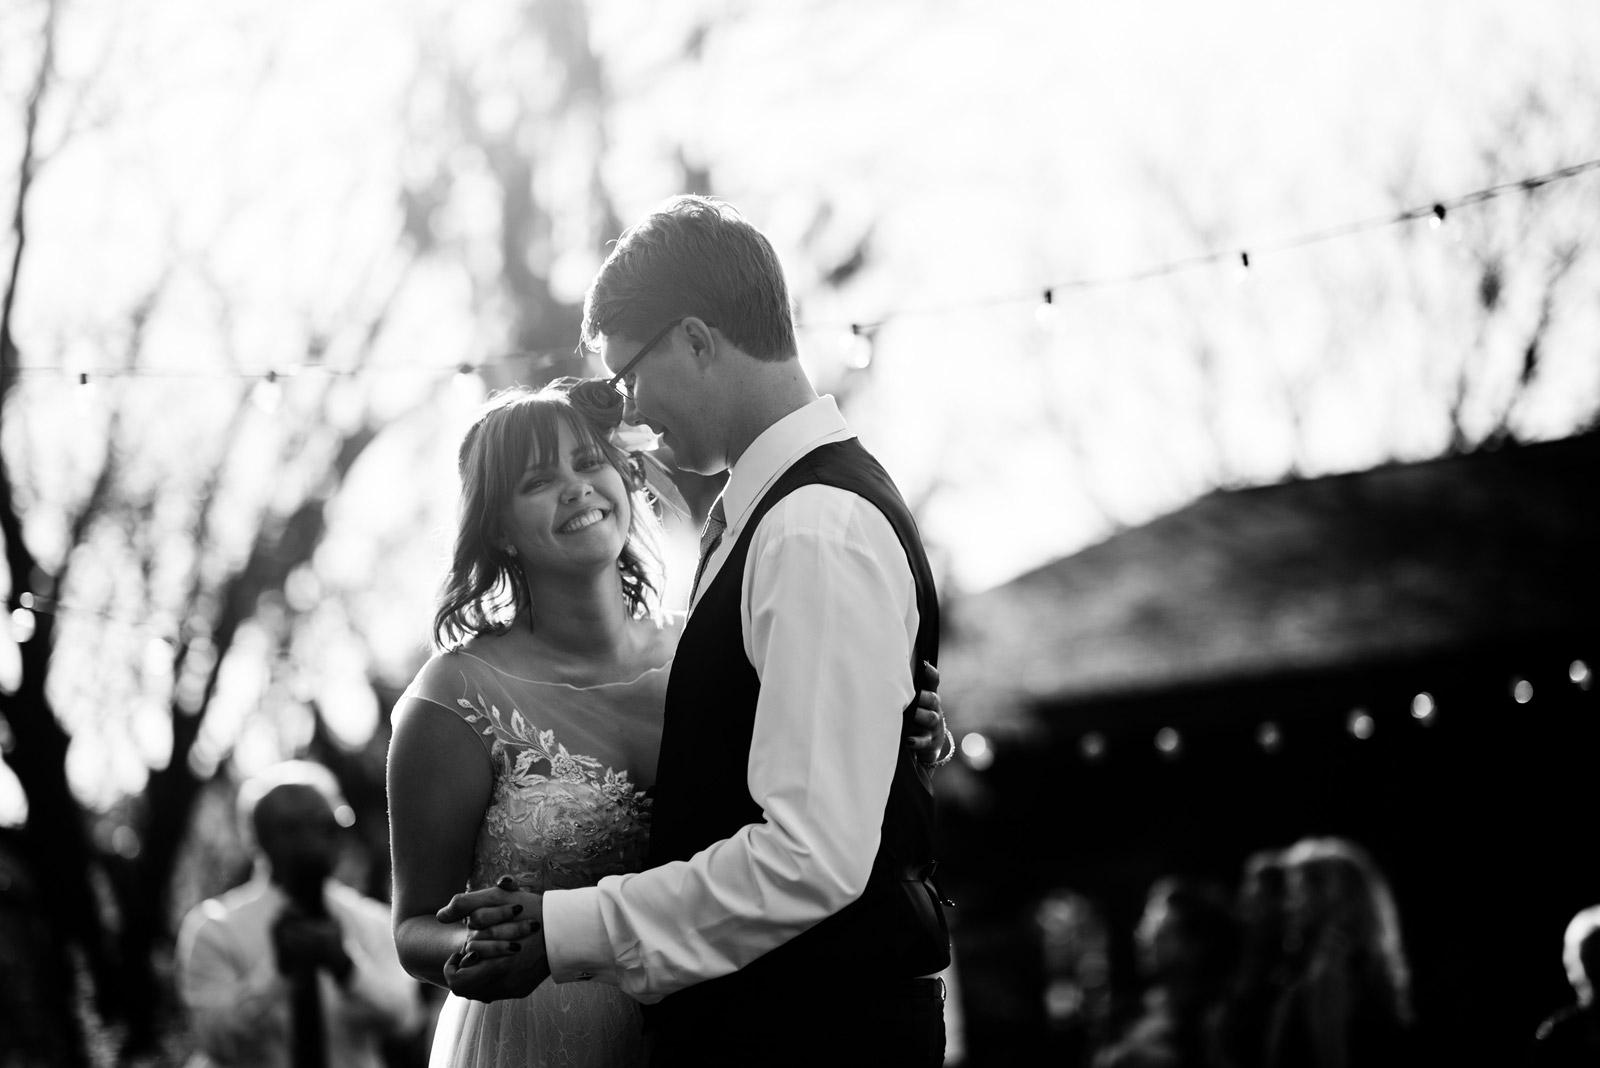 first dance wedding jq dickinson